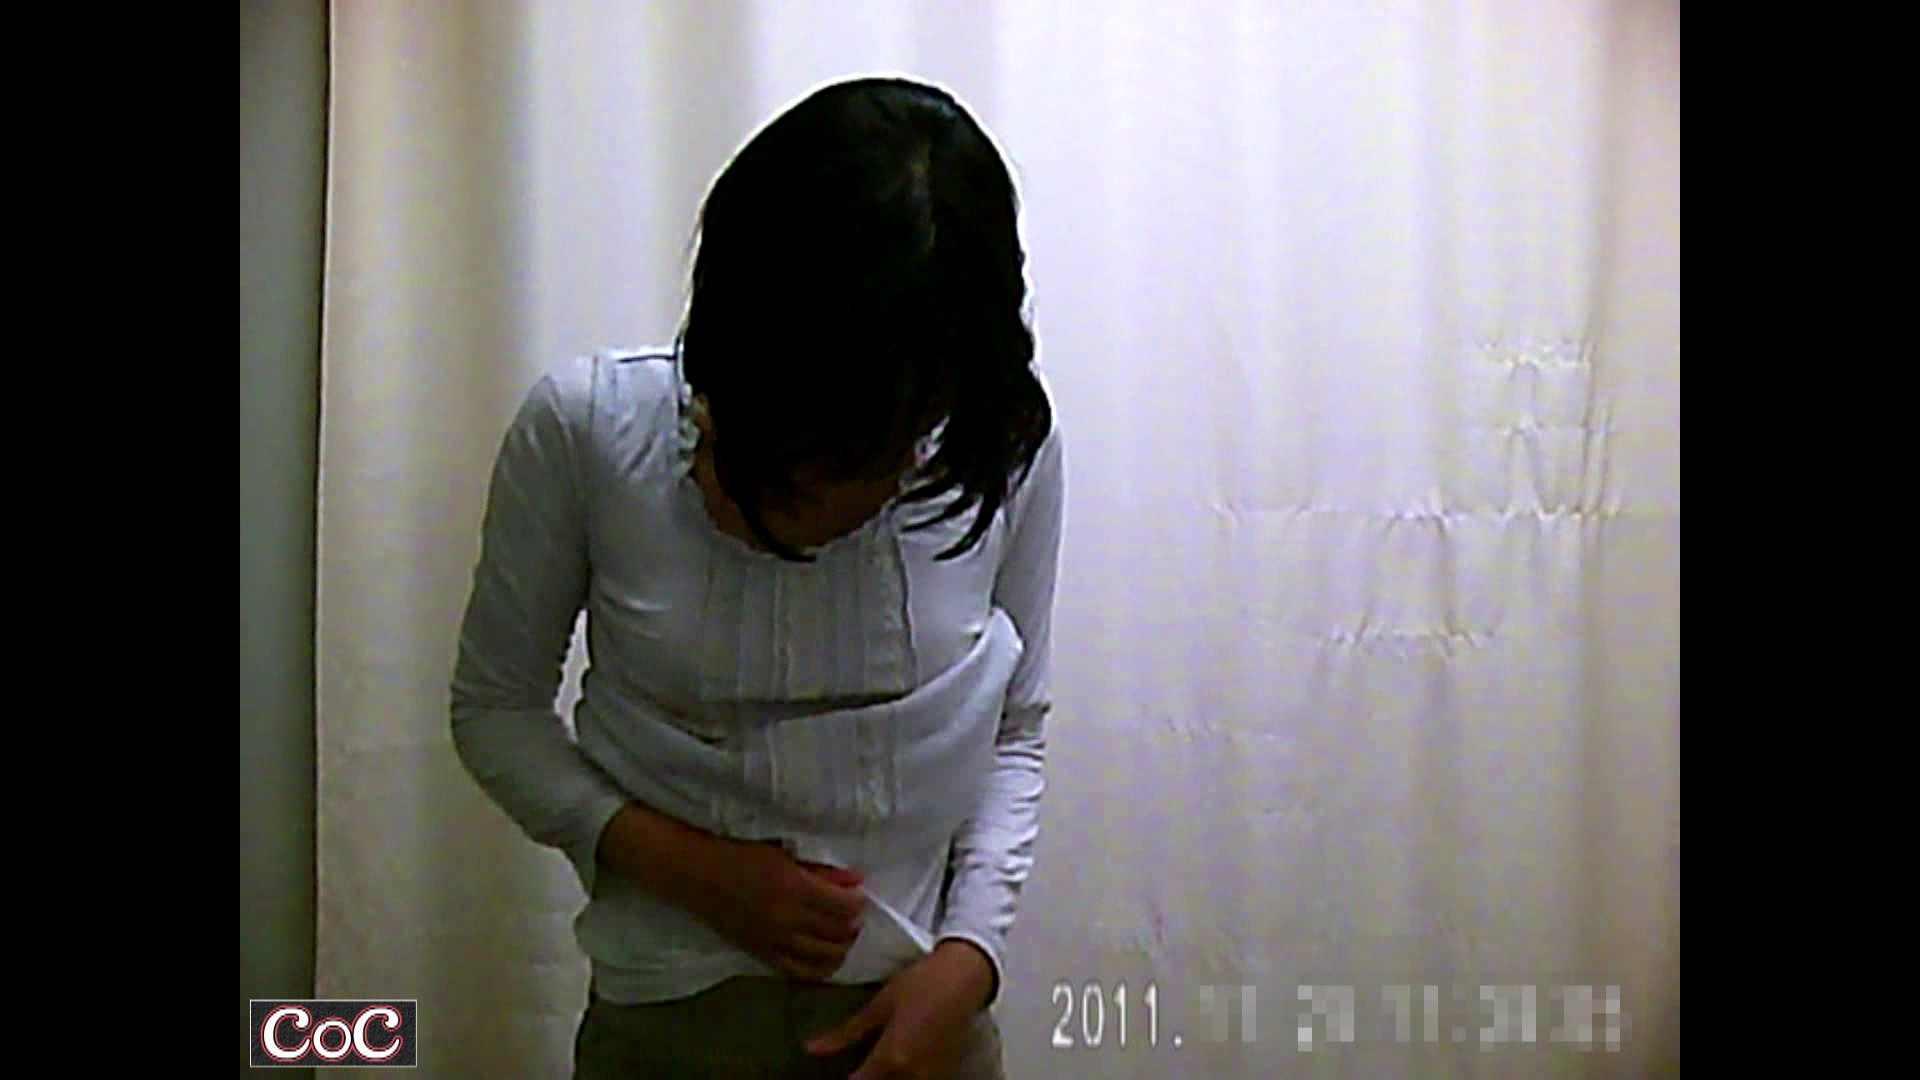 病院おもいっきり着替え! vol.103 巨乳 SEX無修正画像 109画像 89